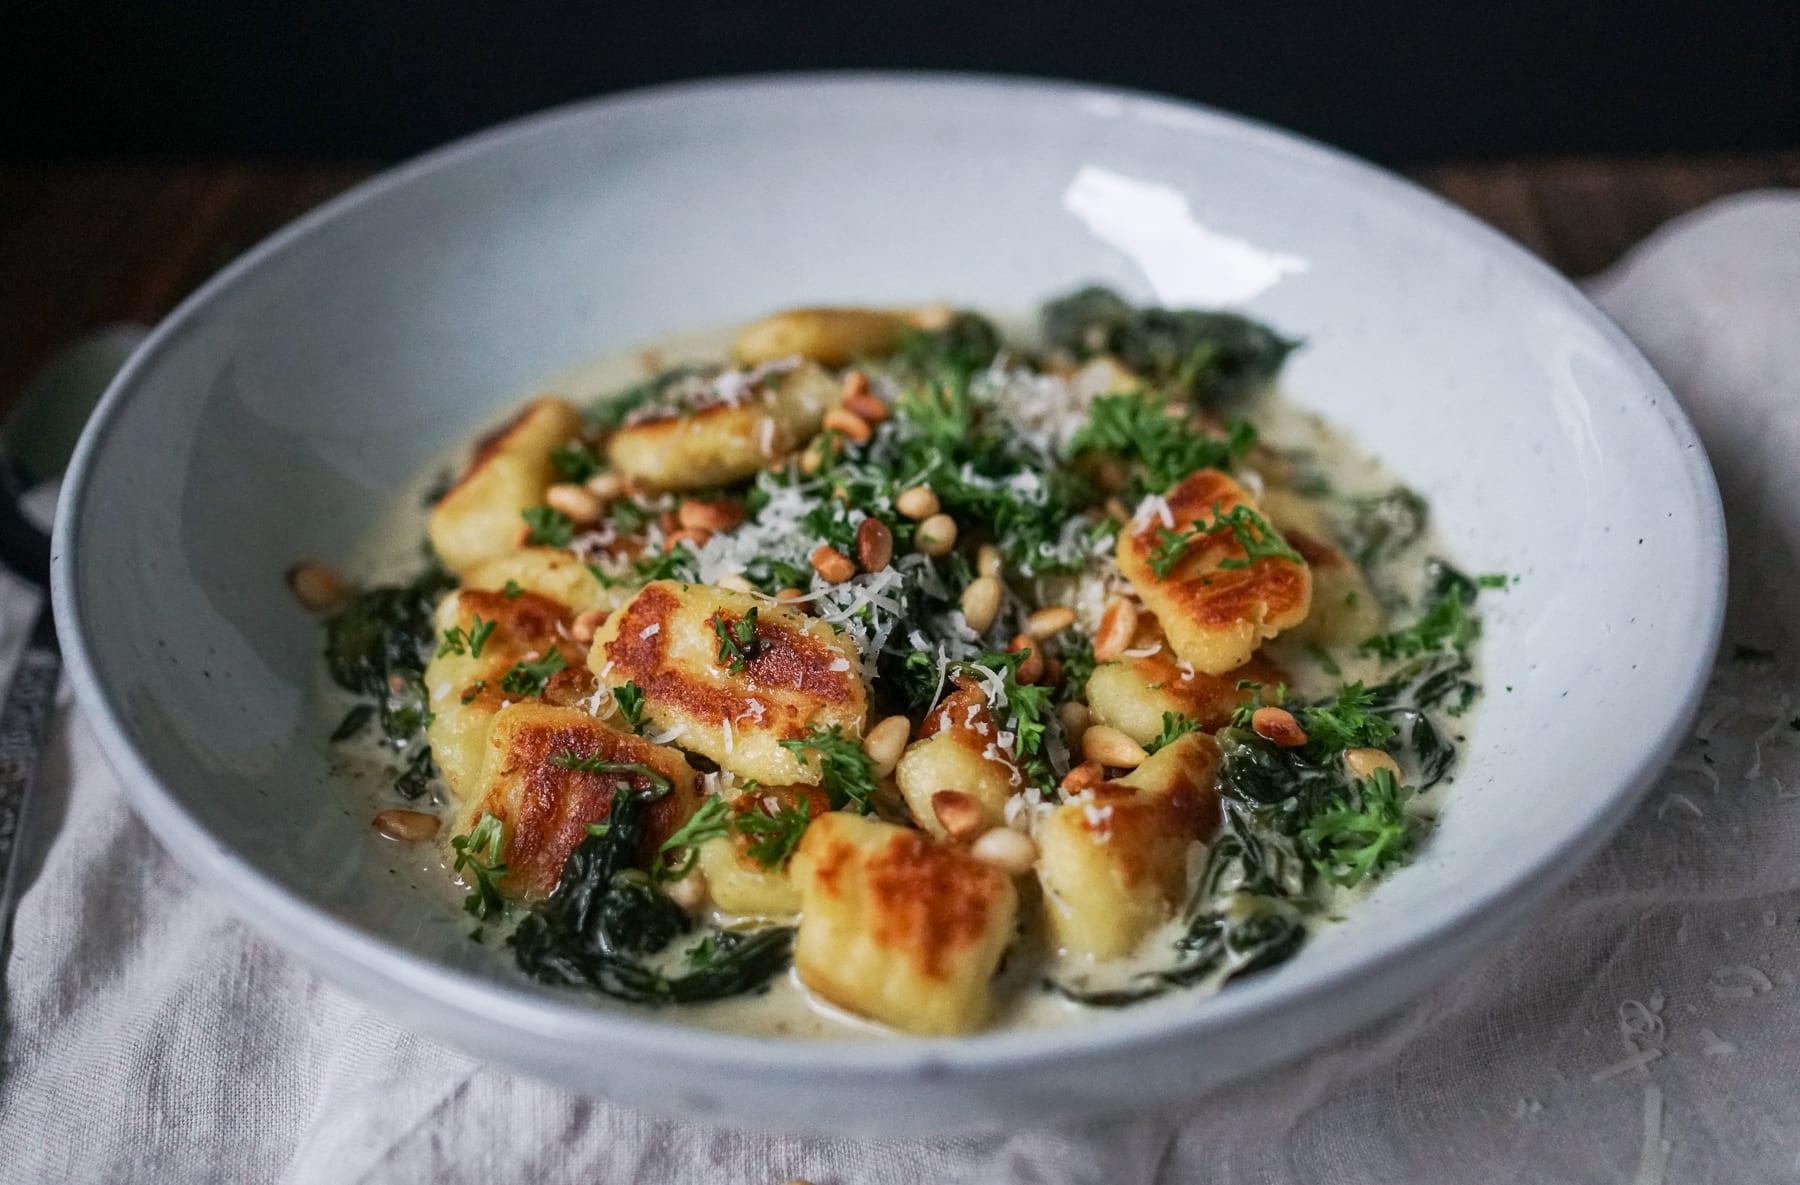 Line macht Gnocchi in Trüffel-Spinat-Soße mit gerösteten Pinienkernen | Line kocht | Was is hier eigentlich los?